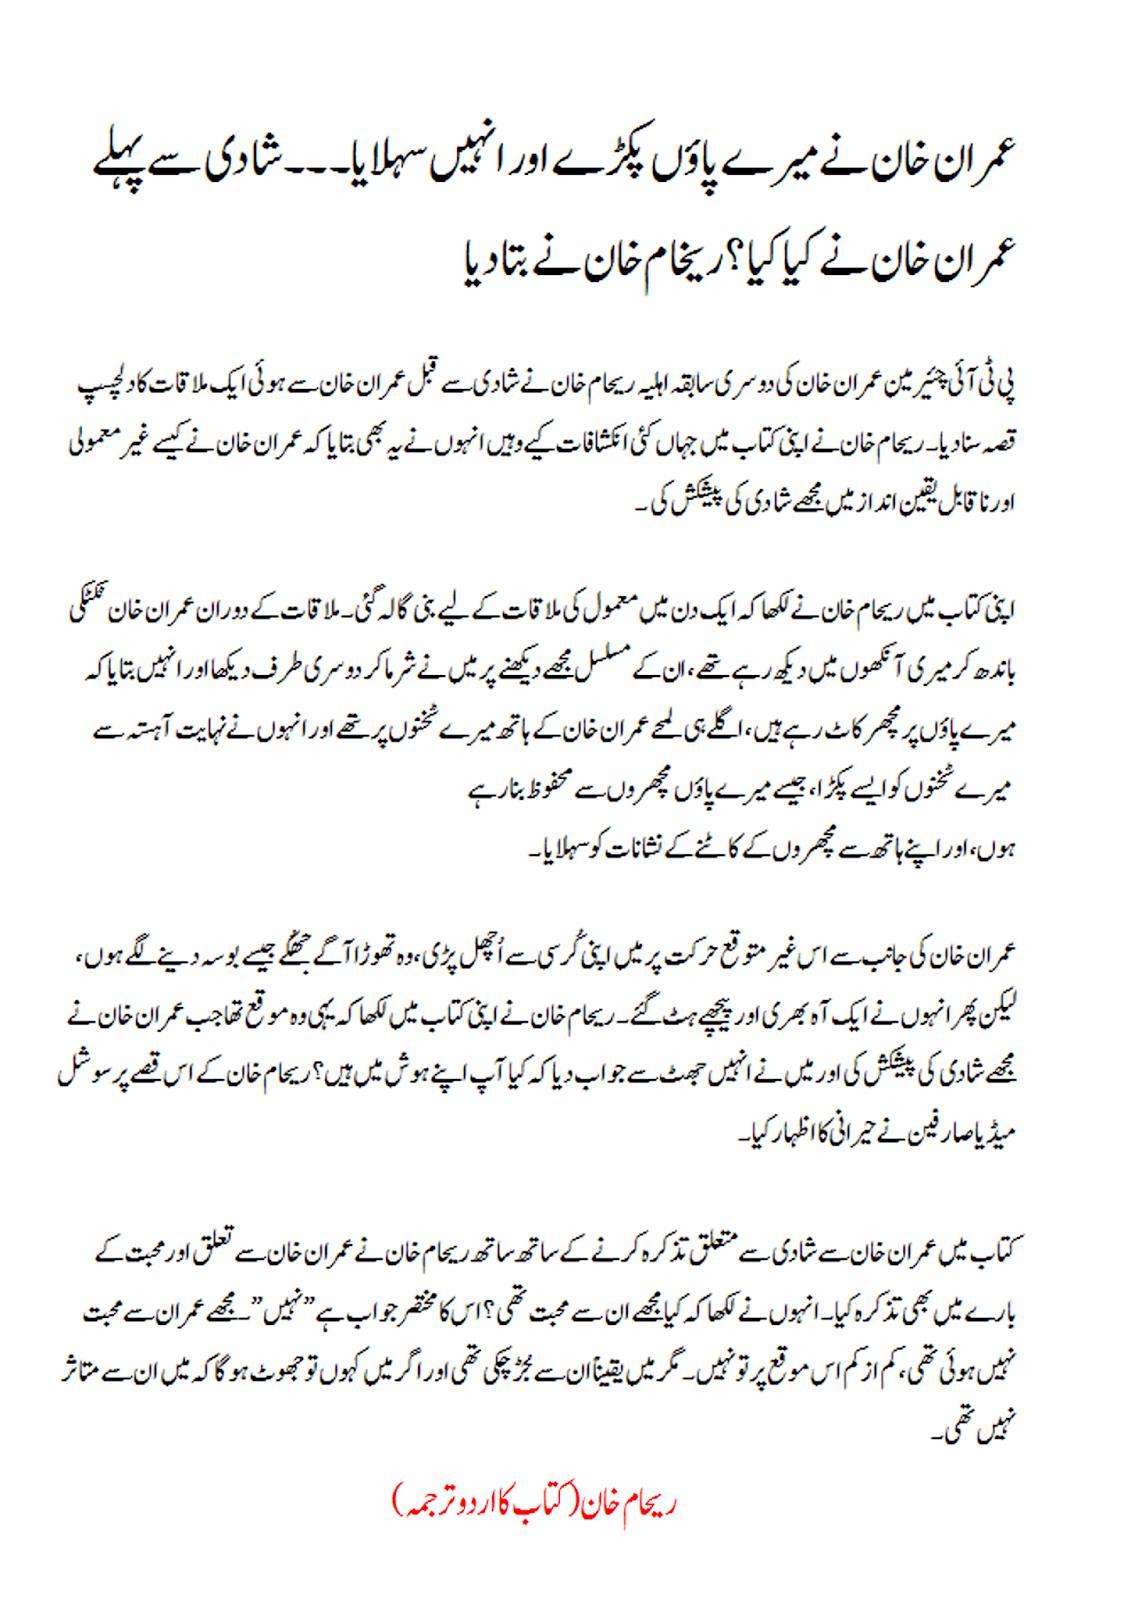 reham khan book about imran khan pdf free download in urdu